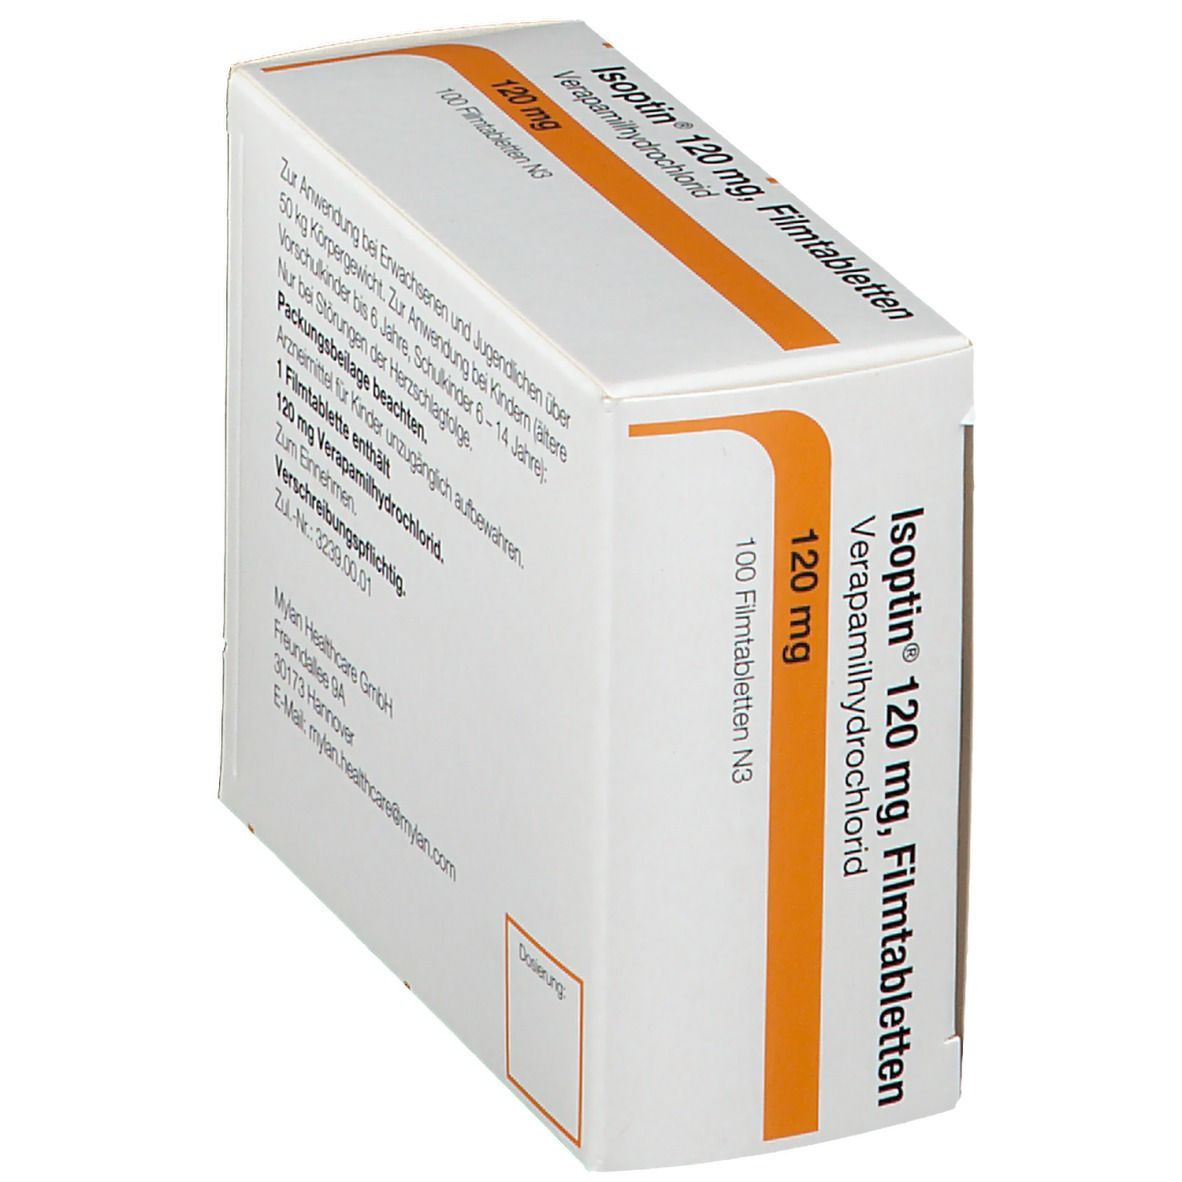 Isoptin 120 mg Filmtabletten